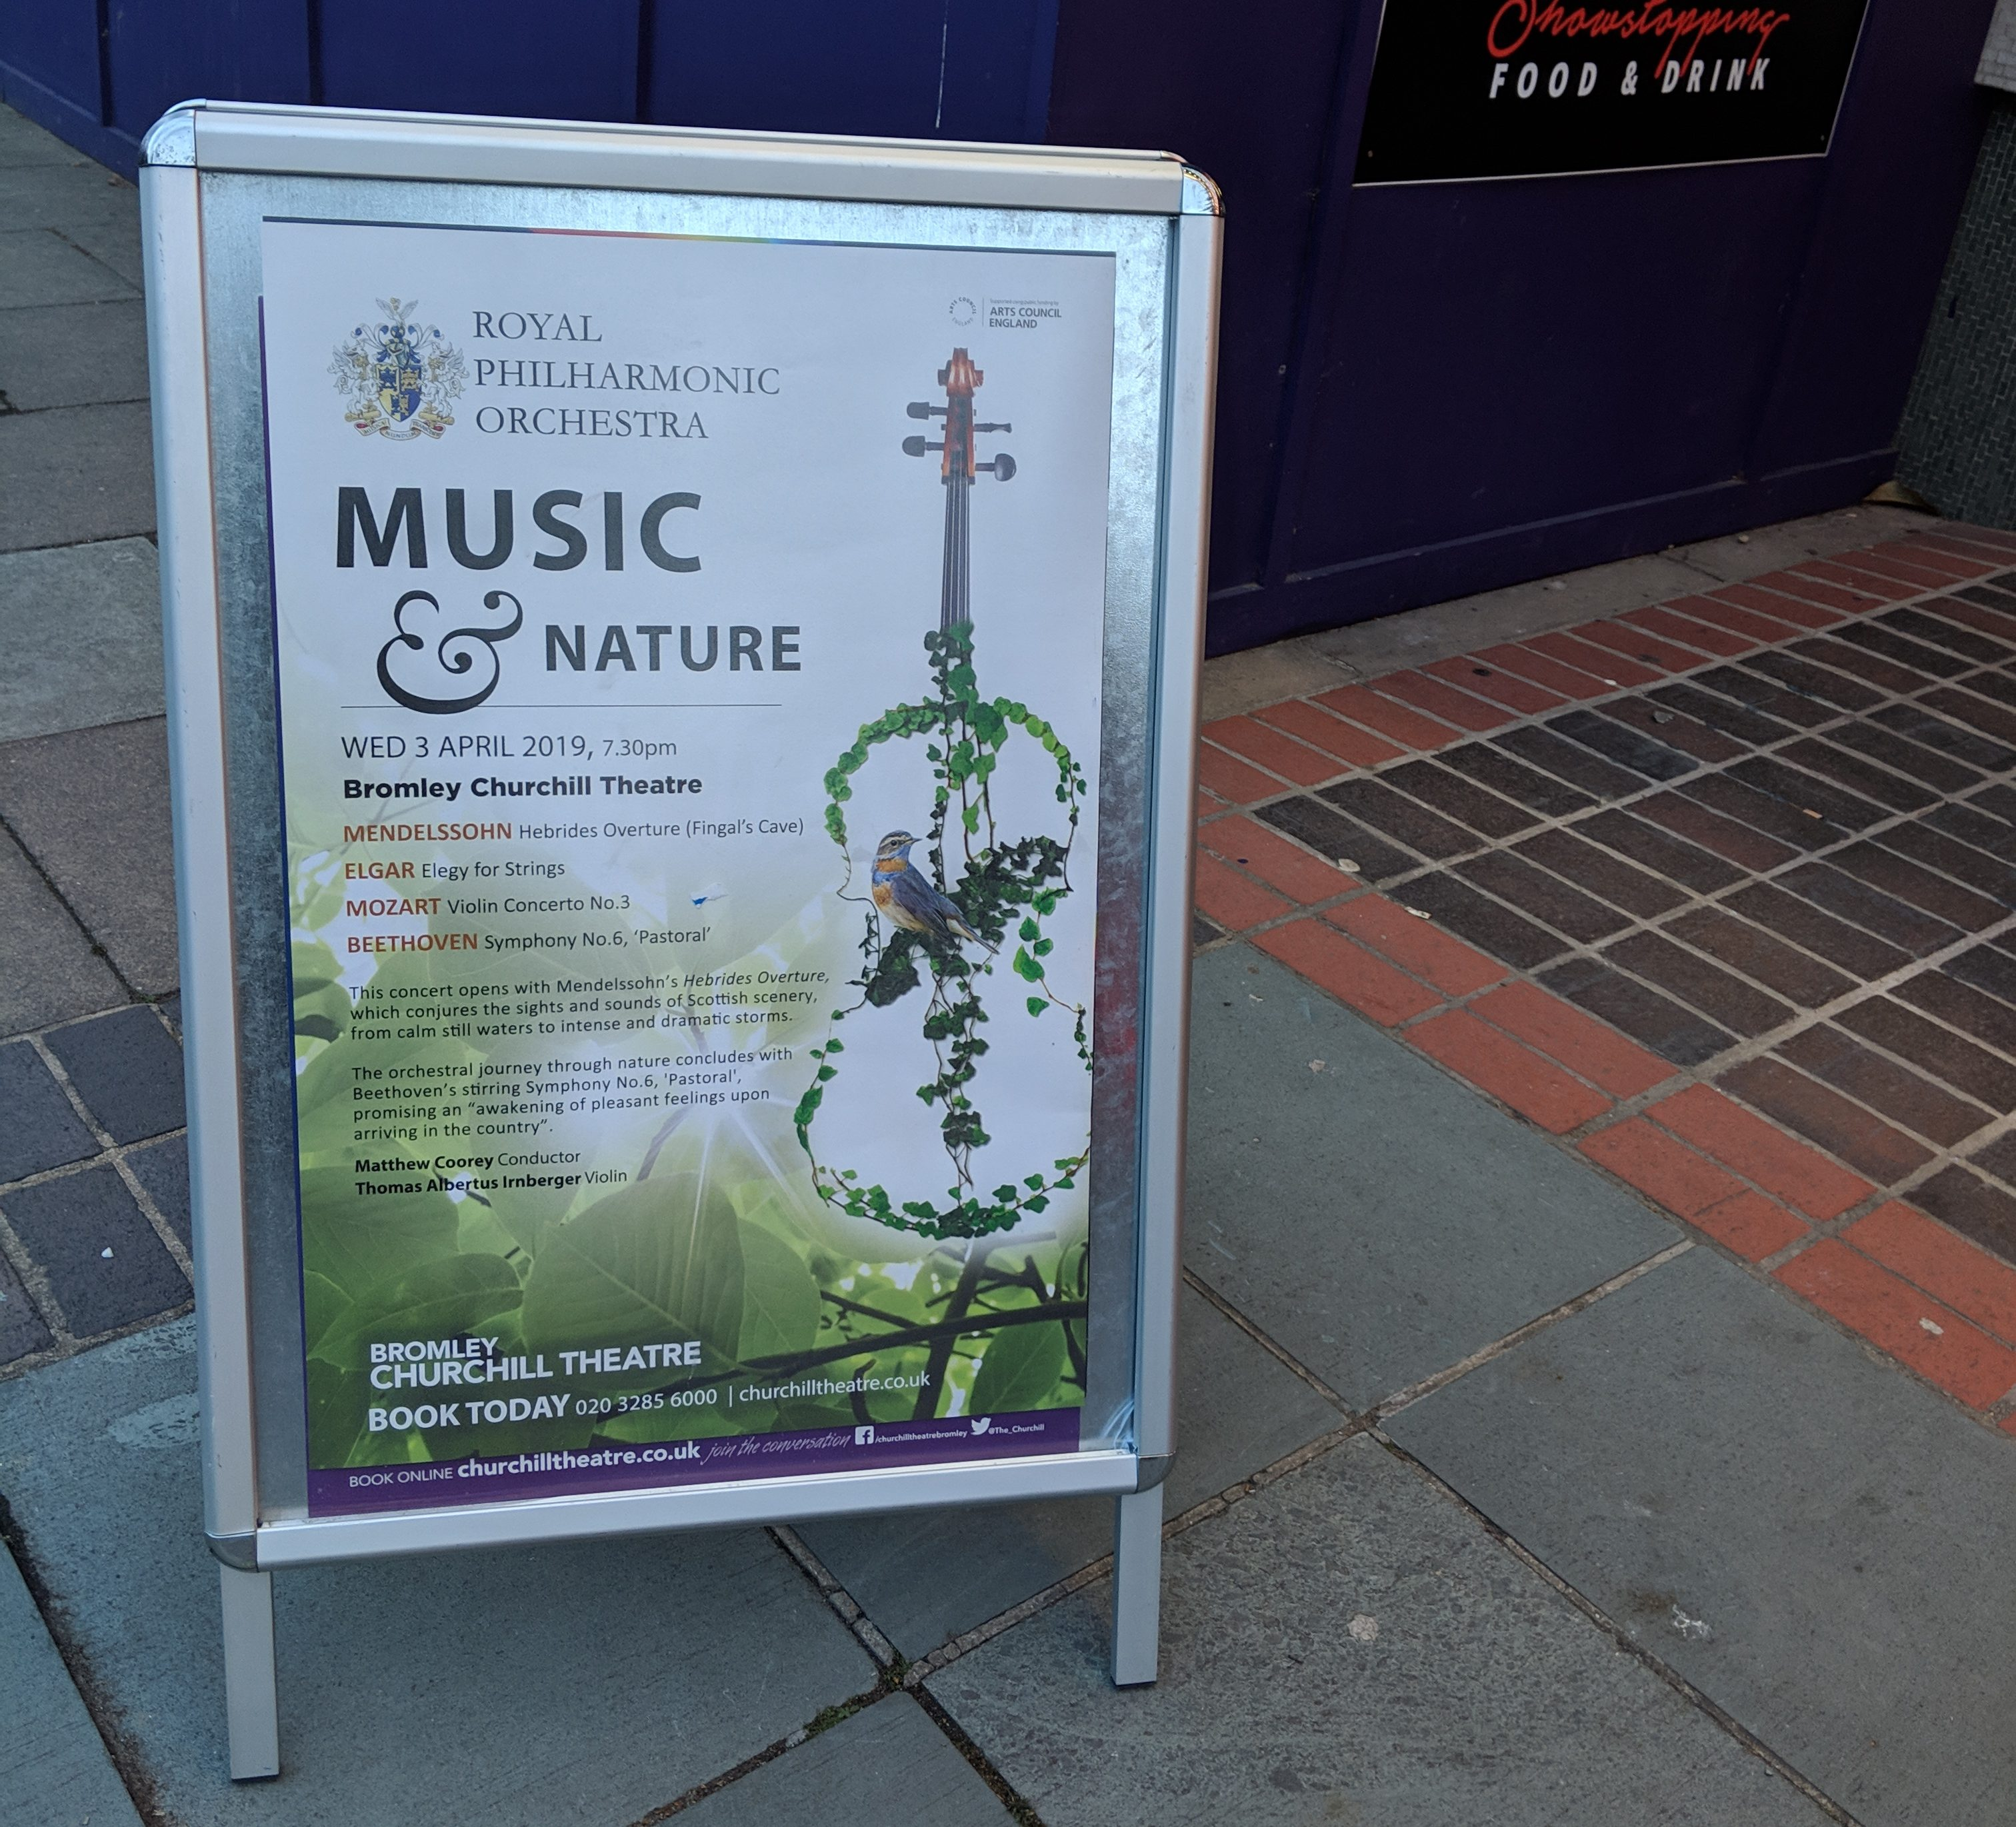 ロイヤル・フィルハーモニー管弦楽団 演奏 イギリス ロンドン